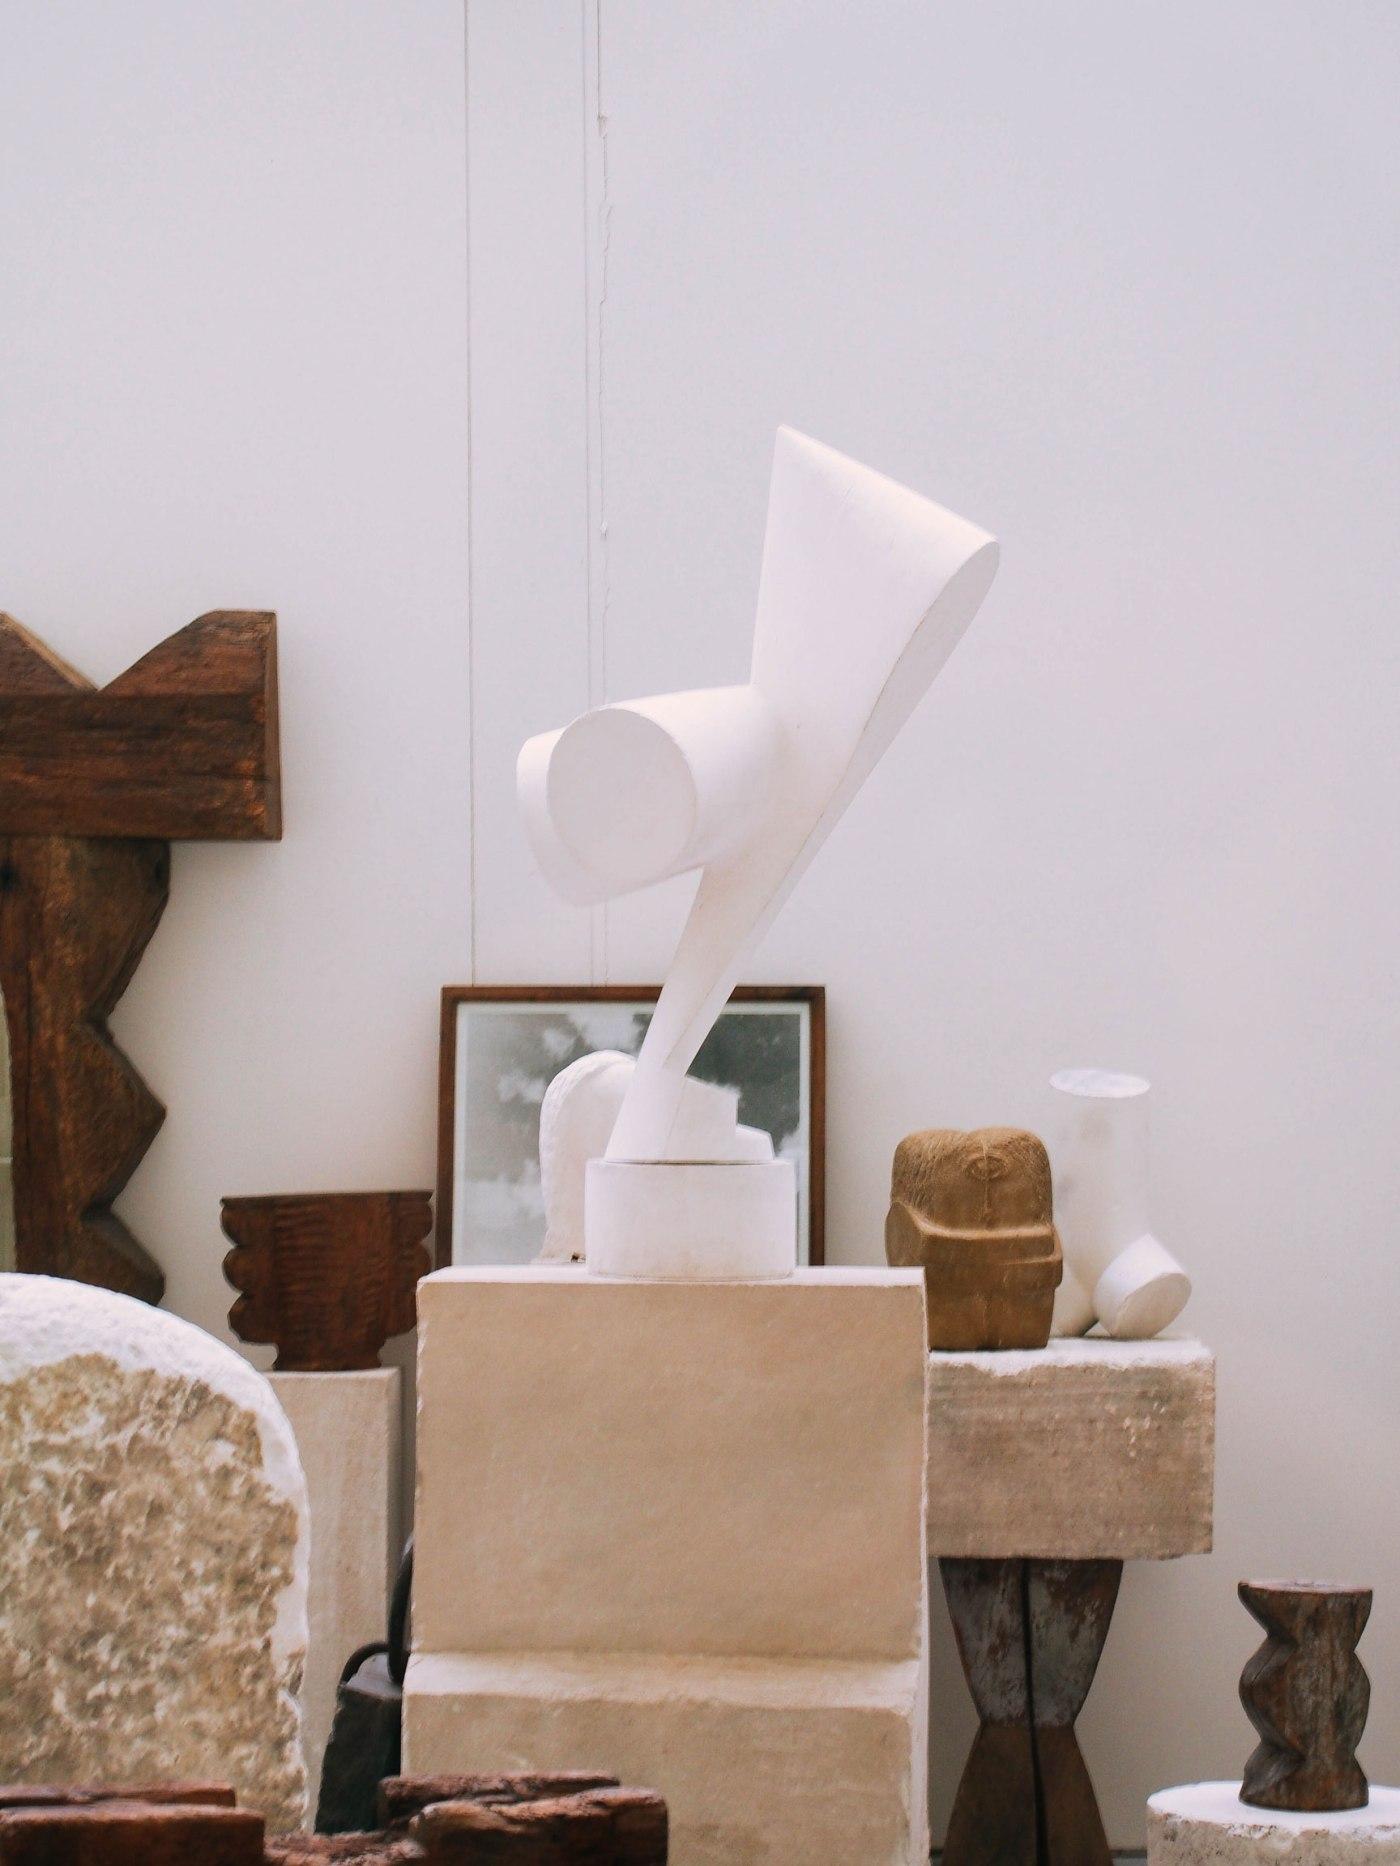 atelier-brancusi-paris-jennifer-ring-28